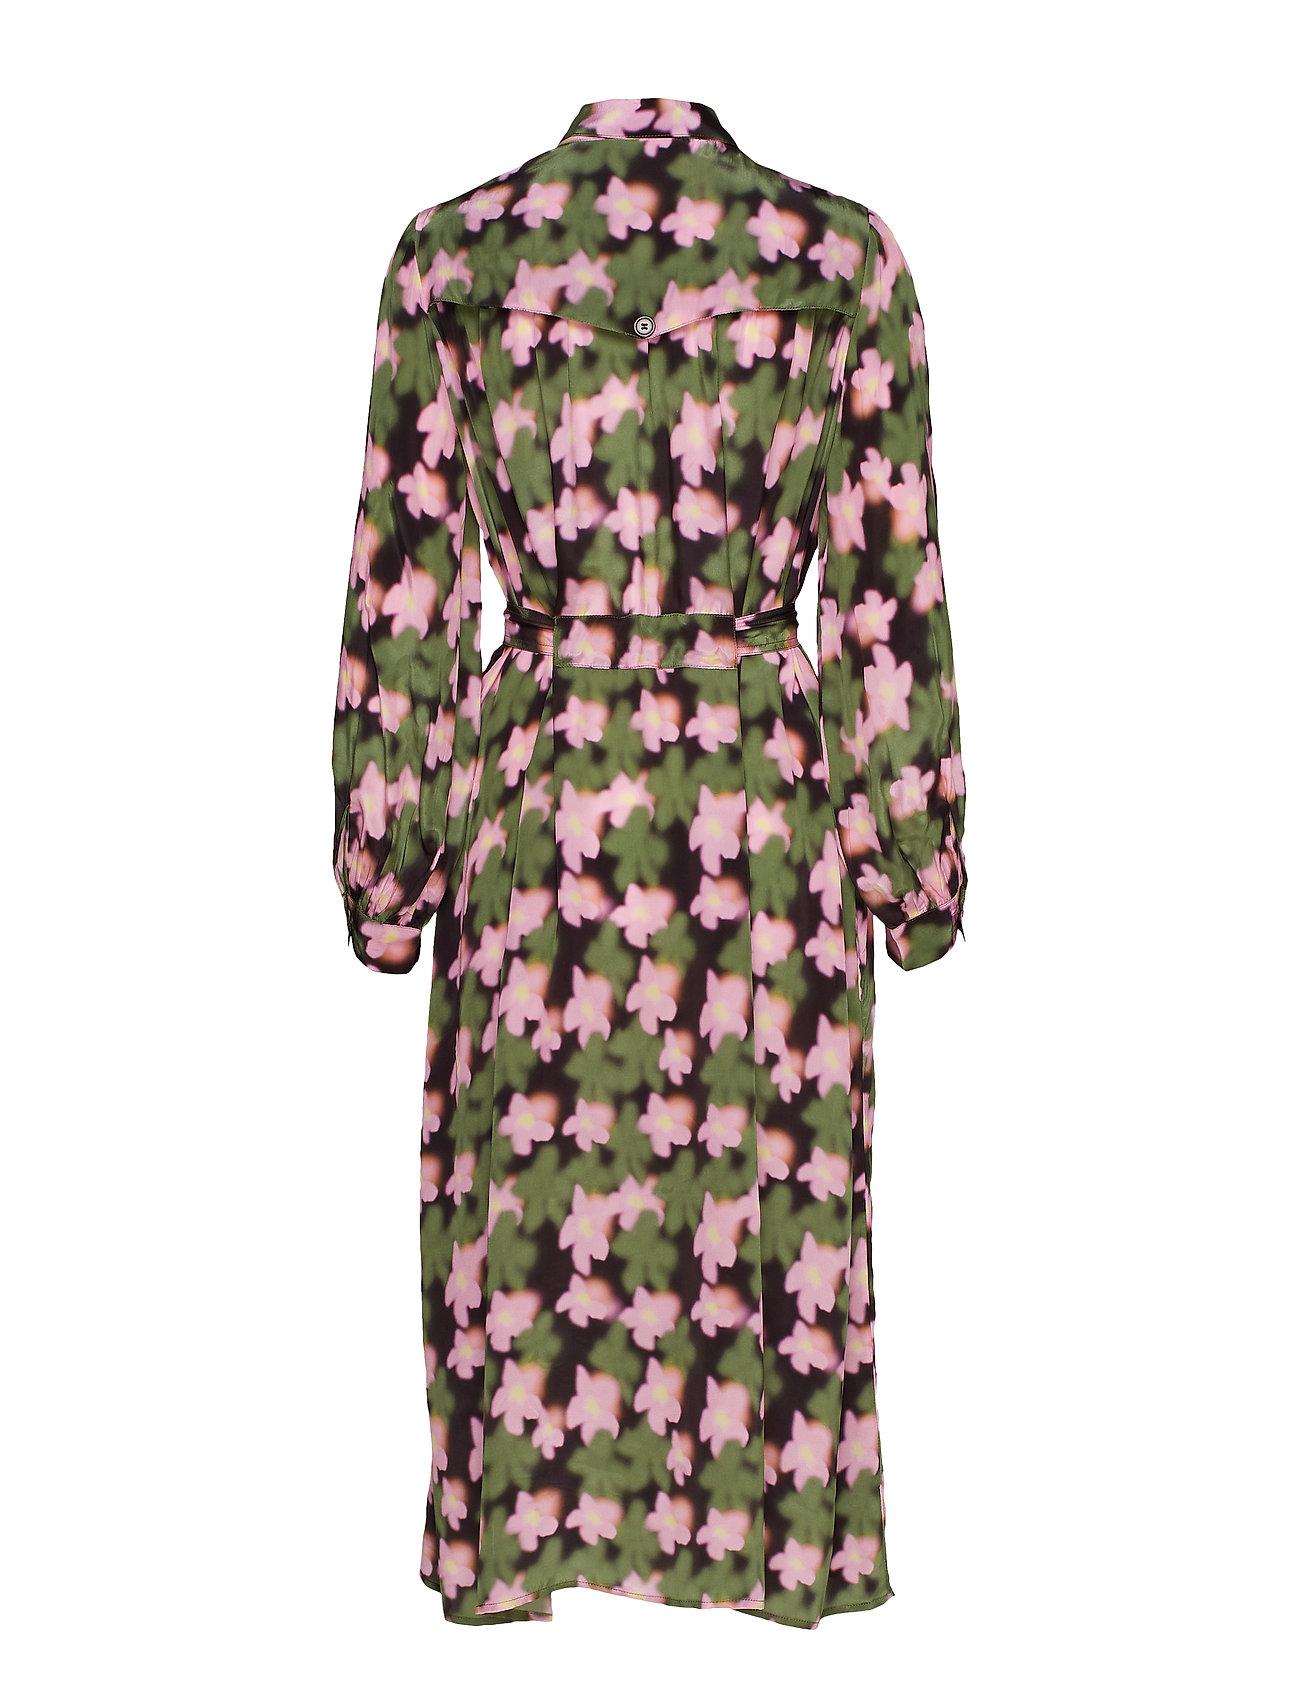 lovechild 1979 aurelie dress - kleider cyclamen